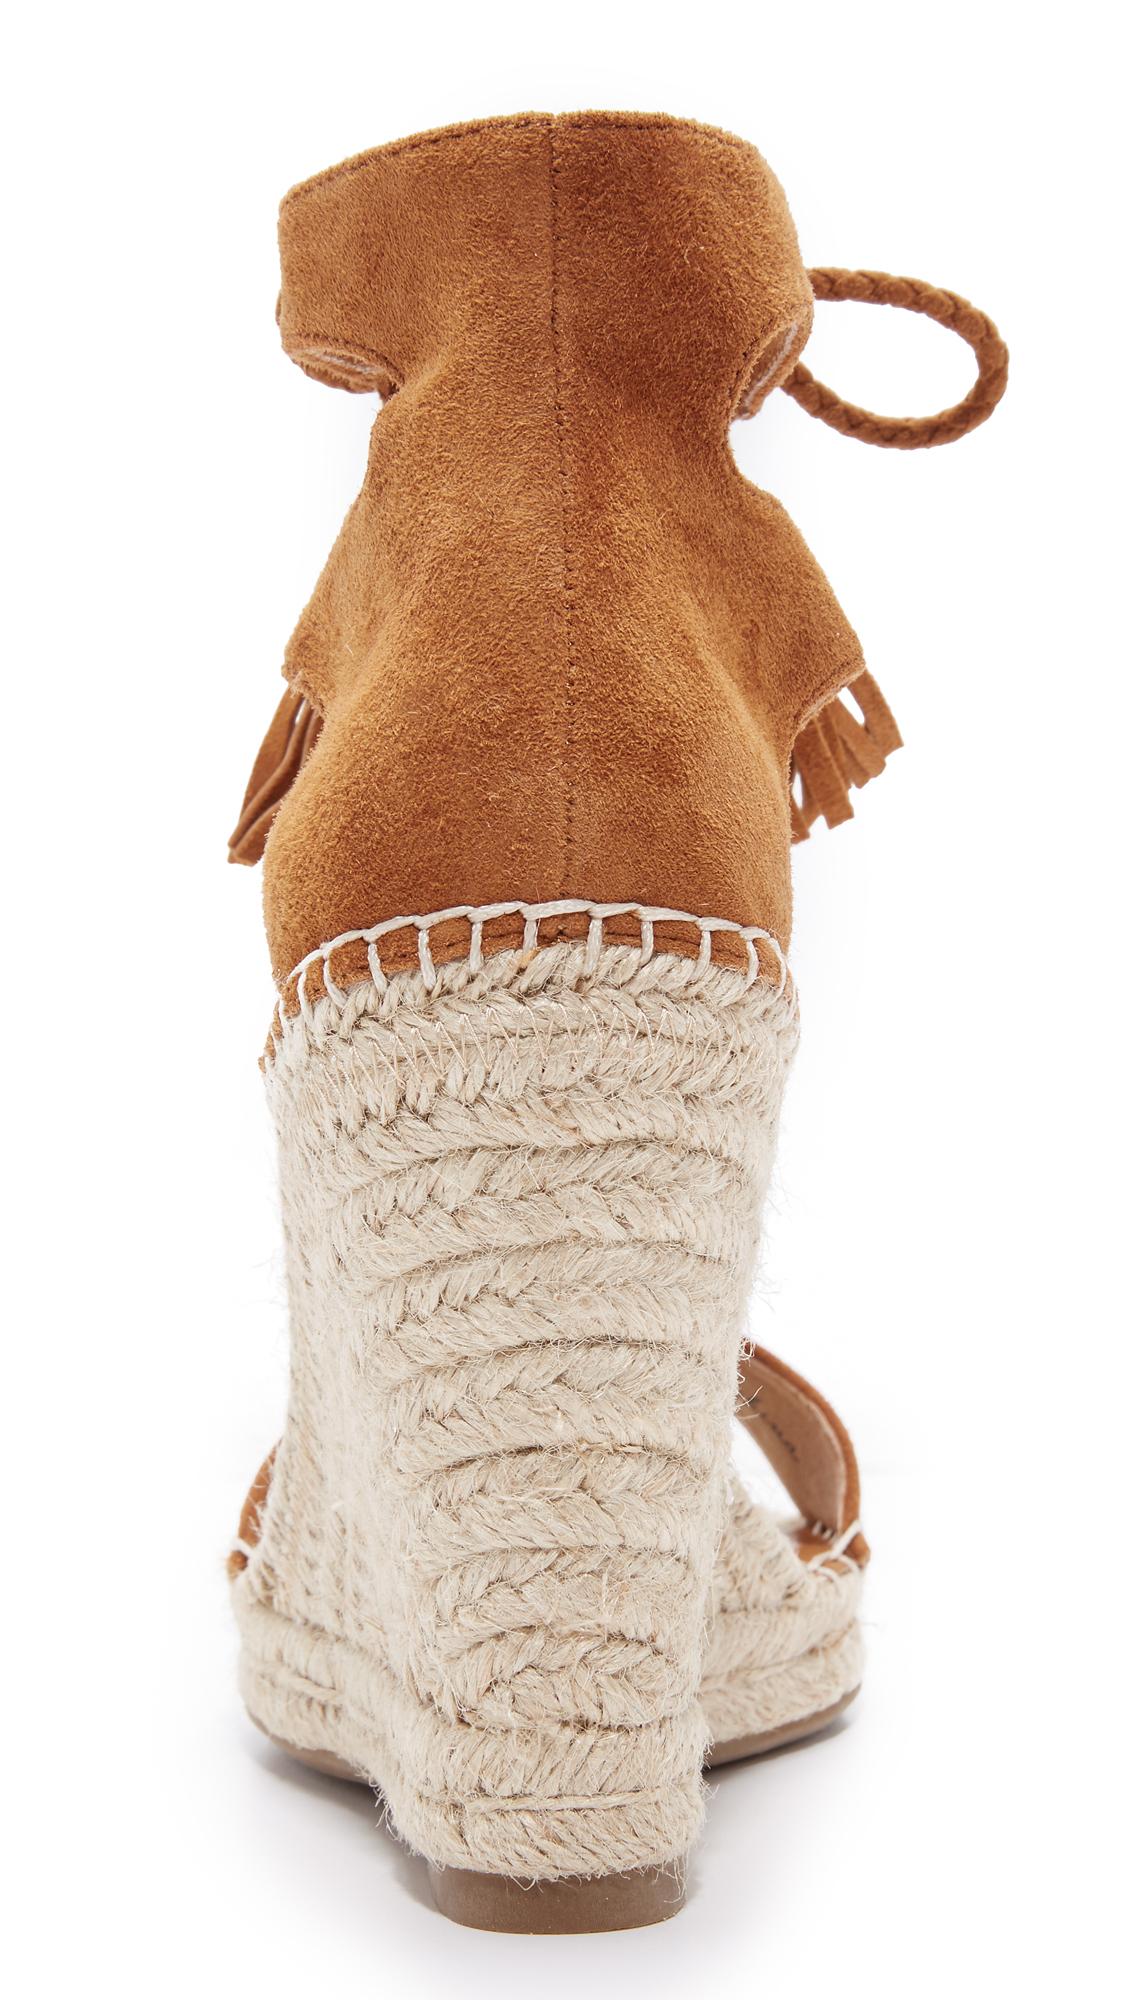 77e6fb0c31c Joie Delilah Lace Up Sandals